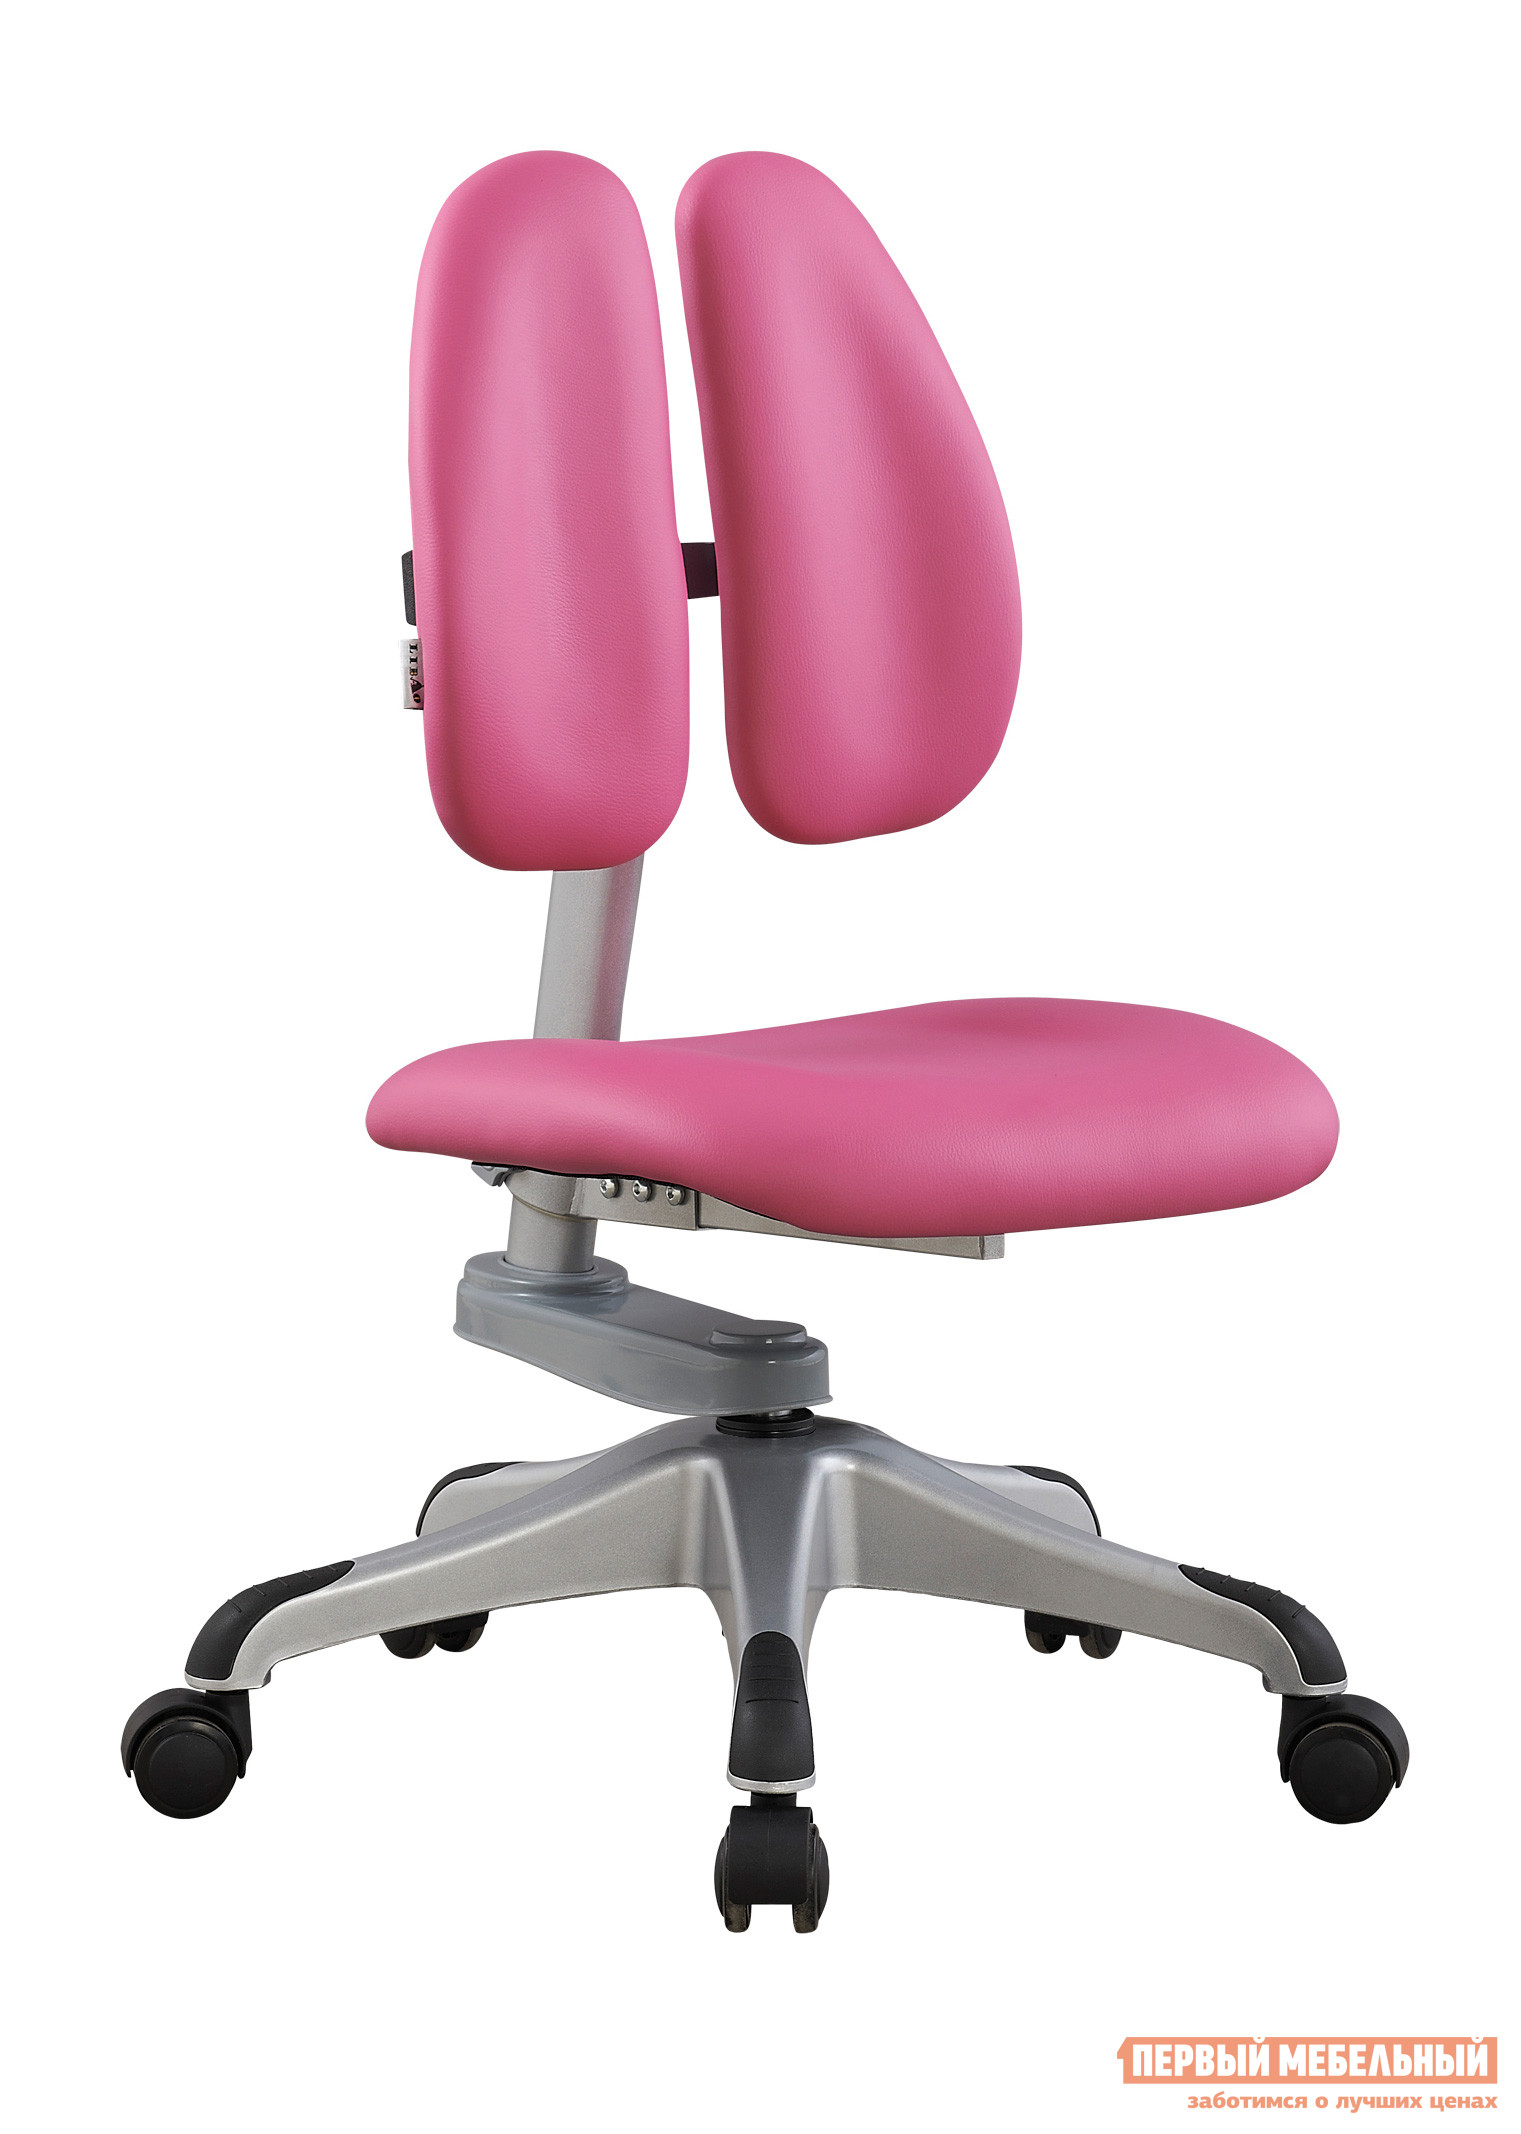 Компьютерное кресло Libao LB-C07 Розовый Libao Габаритные размеры ВхШхГ 720 / 895x410x400 мм. Эргономичное детское кресло для учебы и творчества. </br>Модель имеет все необходимые регулировки для настройки кресла именно под вашего ребенка, обеспечивая правильное положение спины и осанки во время занятий.  </br>Варианты цвета обивки позволят выбрать кресло практически под любой интерьер. <br>Высота спинки поднимается с 385 мм до 560 мм, что позволит настраивать кресло по мере роста ребенка. </br>Высота от пола до сидения — 330/530 мм. <br>Обивка кресла выполнена из экокожи, крестовина — пластик, каркас металлический. <br>Амортизированные колеса имеют механизм фиксации под весом человека. </br>Максимальная нагрузка на кресло — 100 кг. <br>